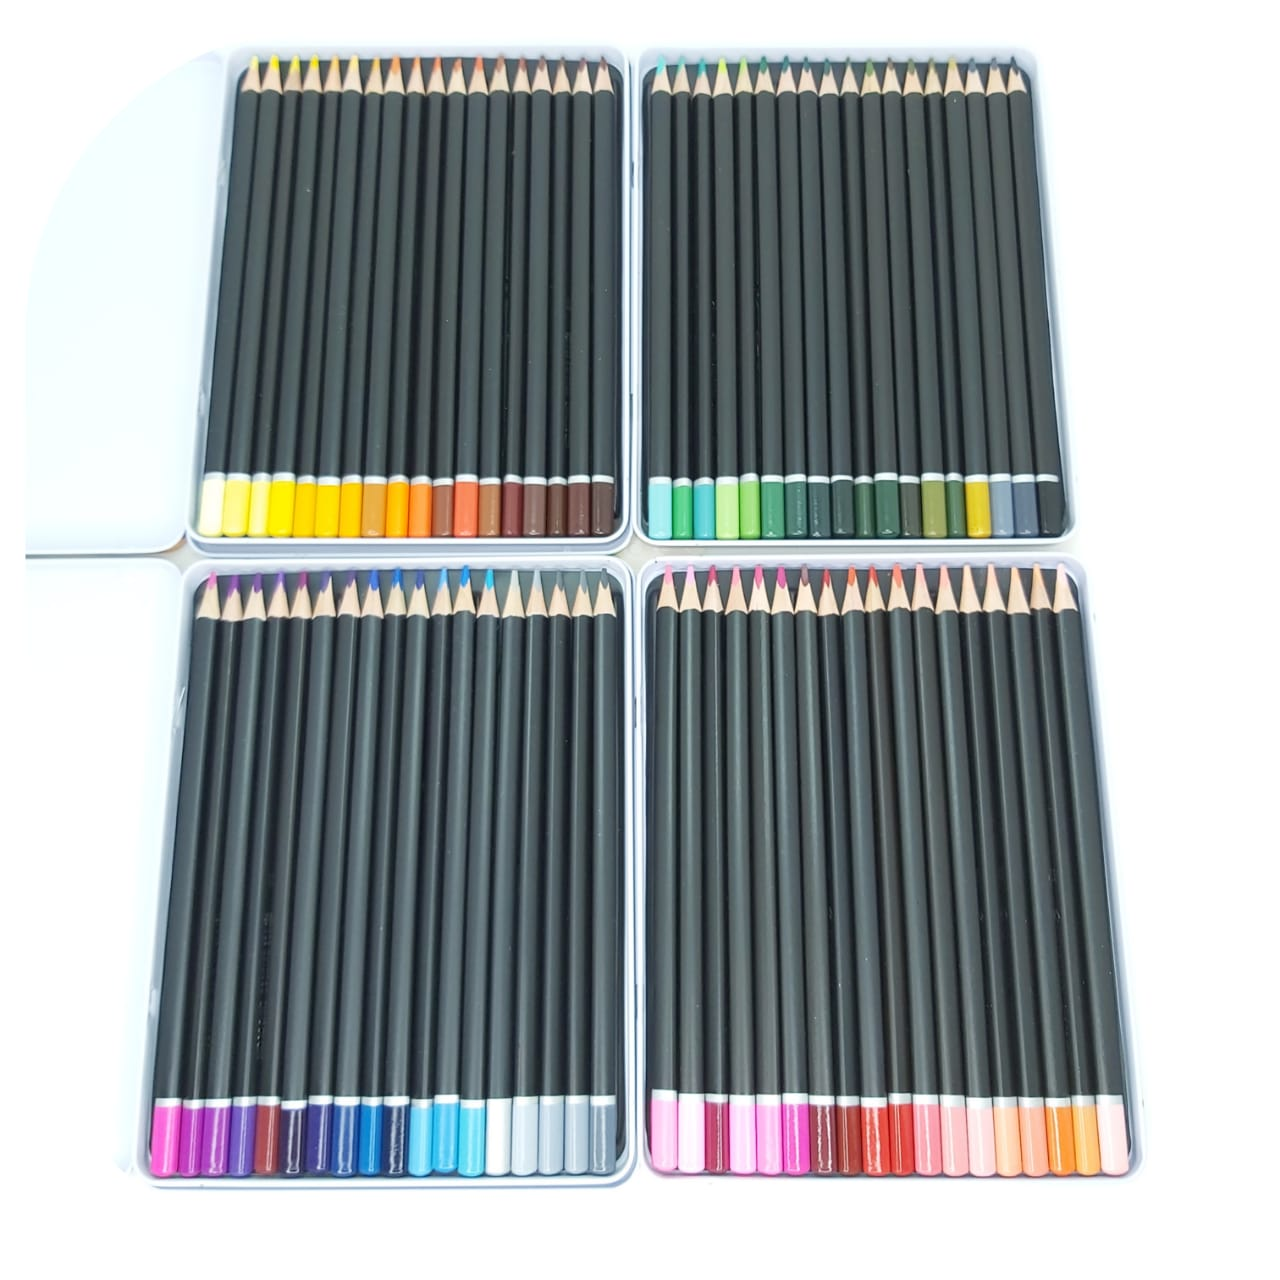 Lápis de cor Profissional - 18 cores - Colorgrade - Bee Unique